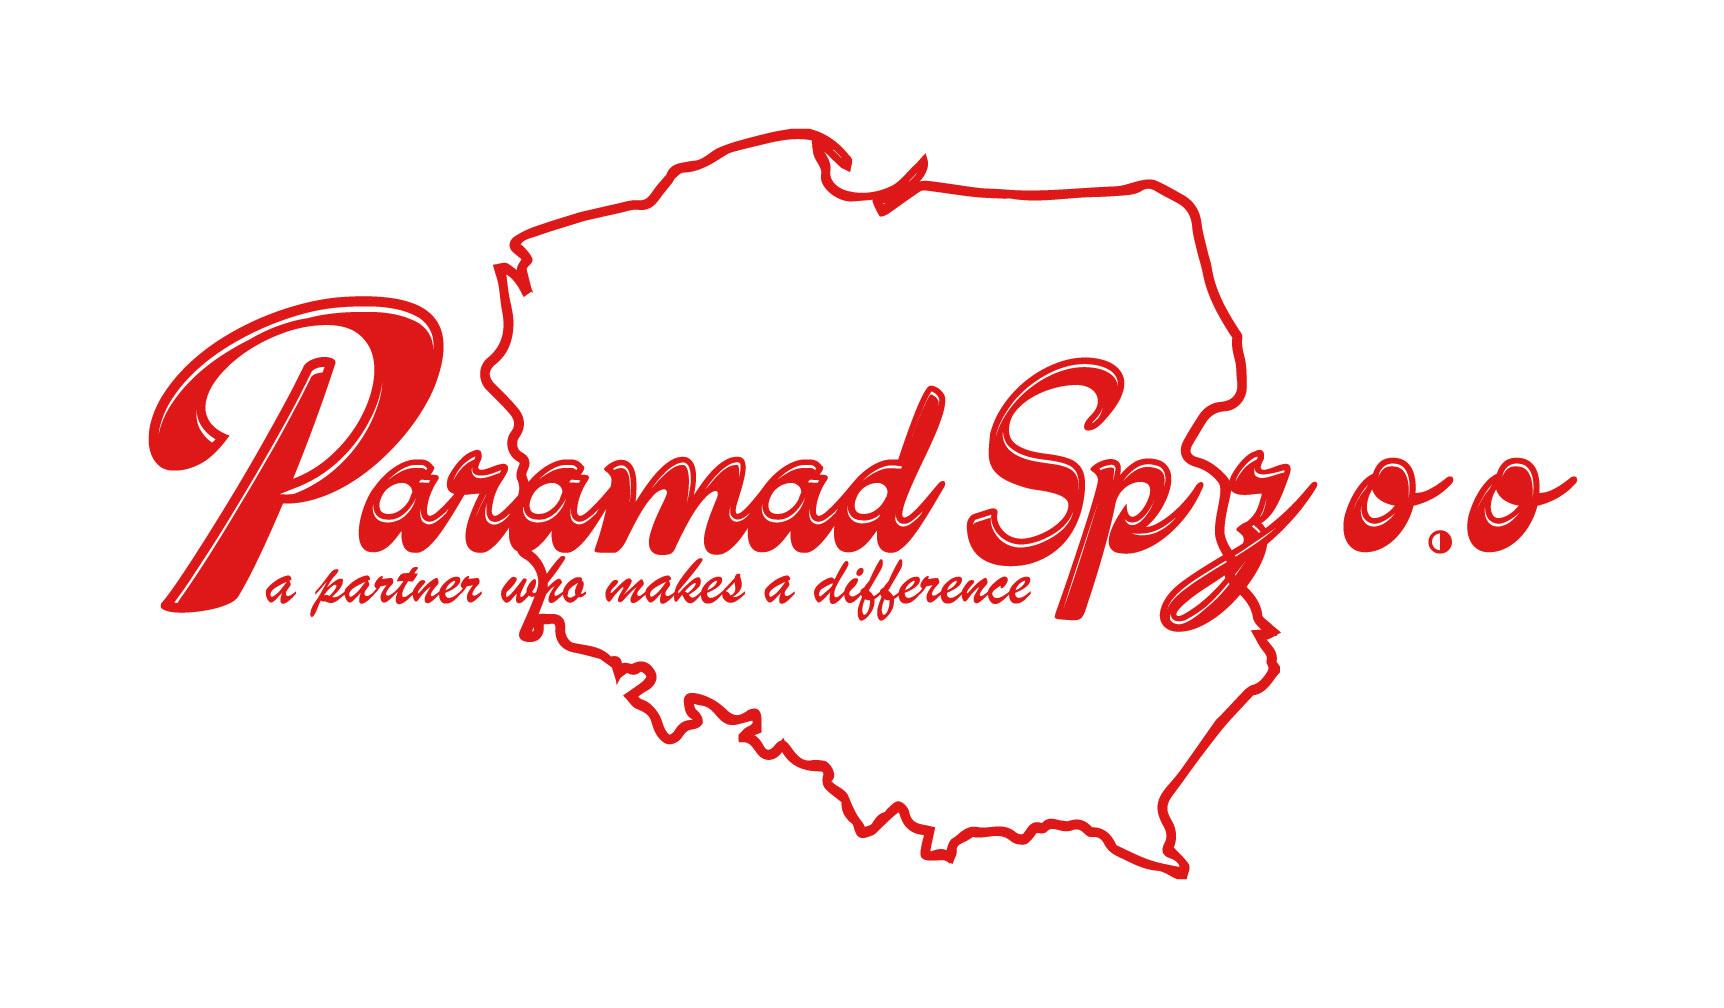 PARAMAD Sp. Z O.O.